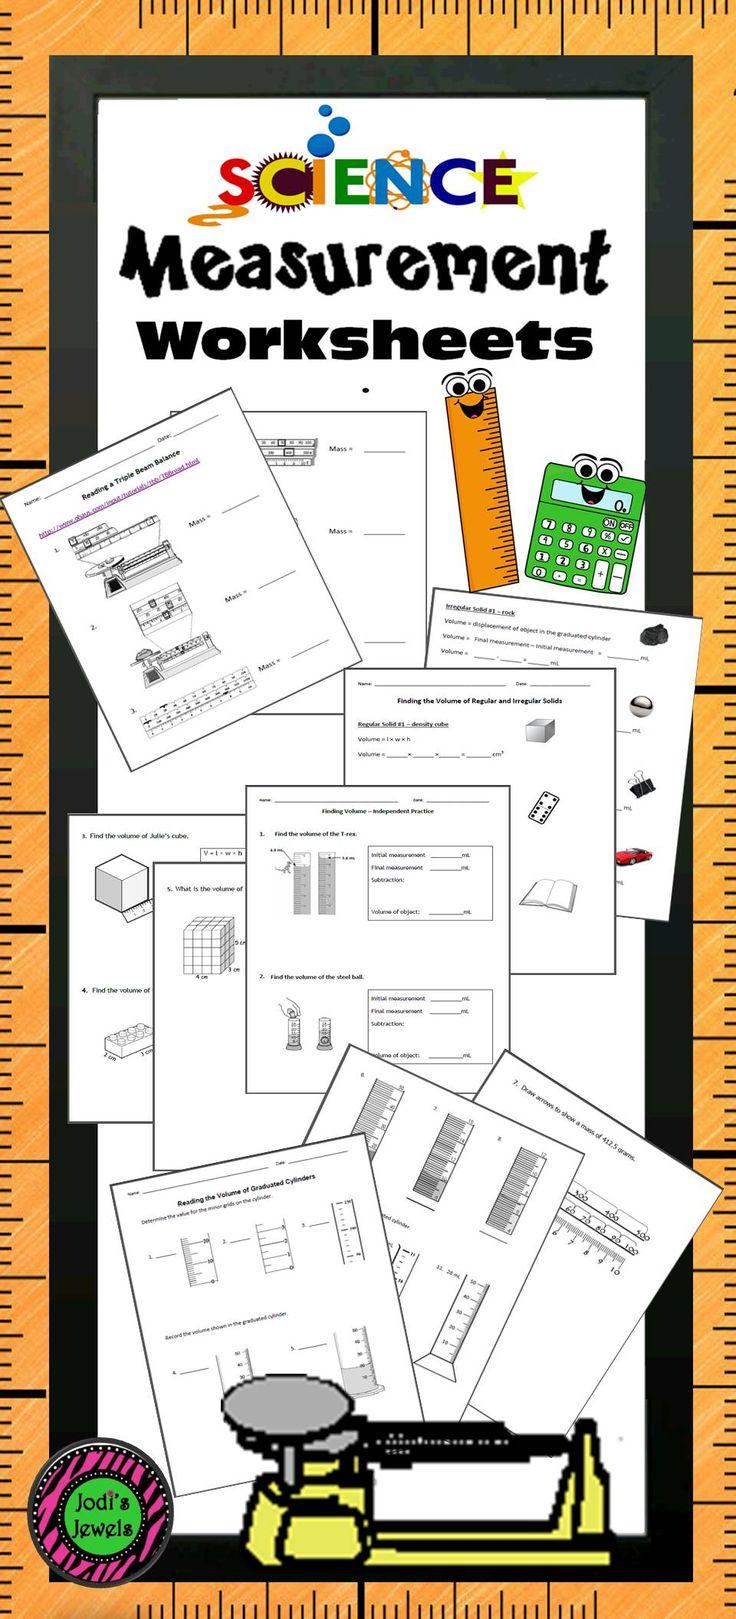 25 Best Lab Equipment Images On Worksheets Samples